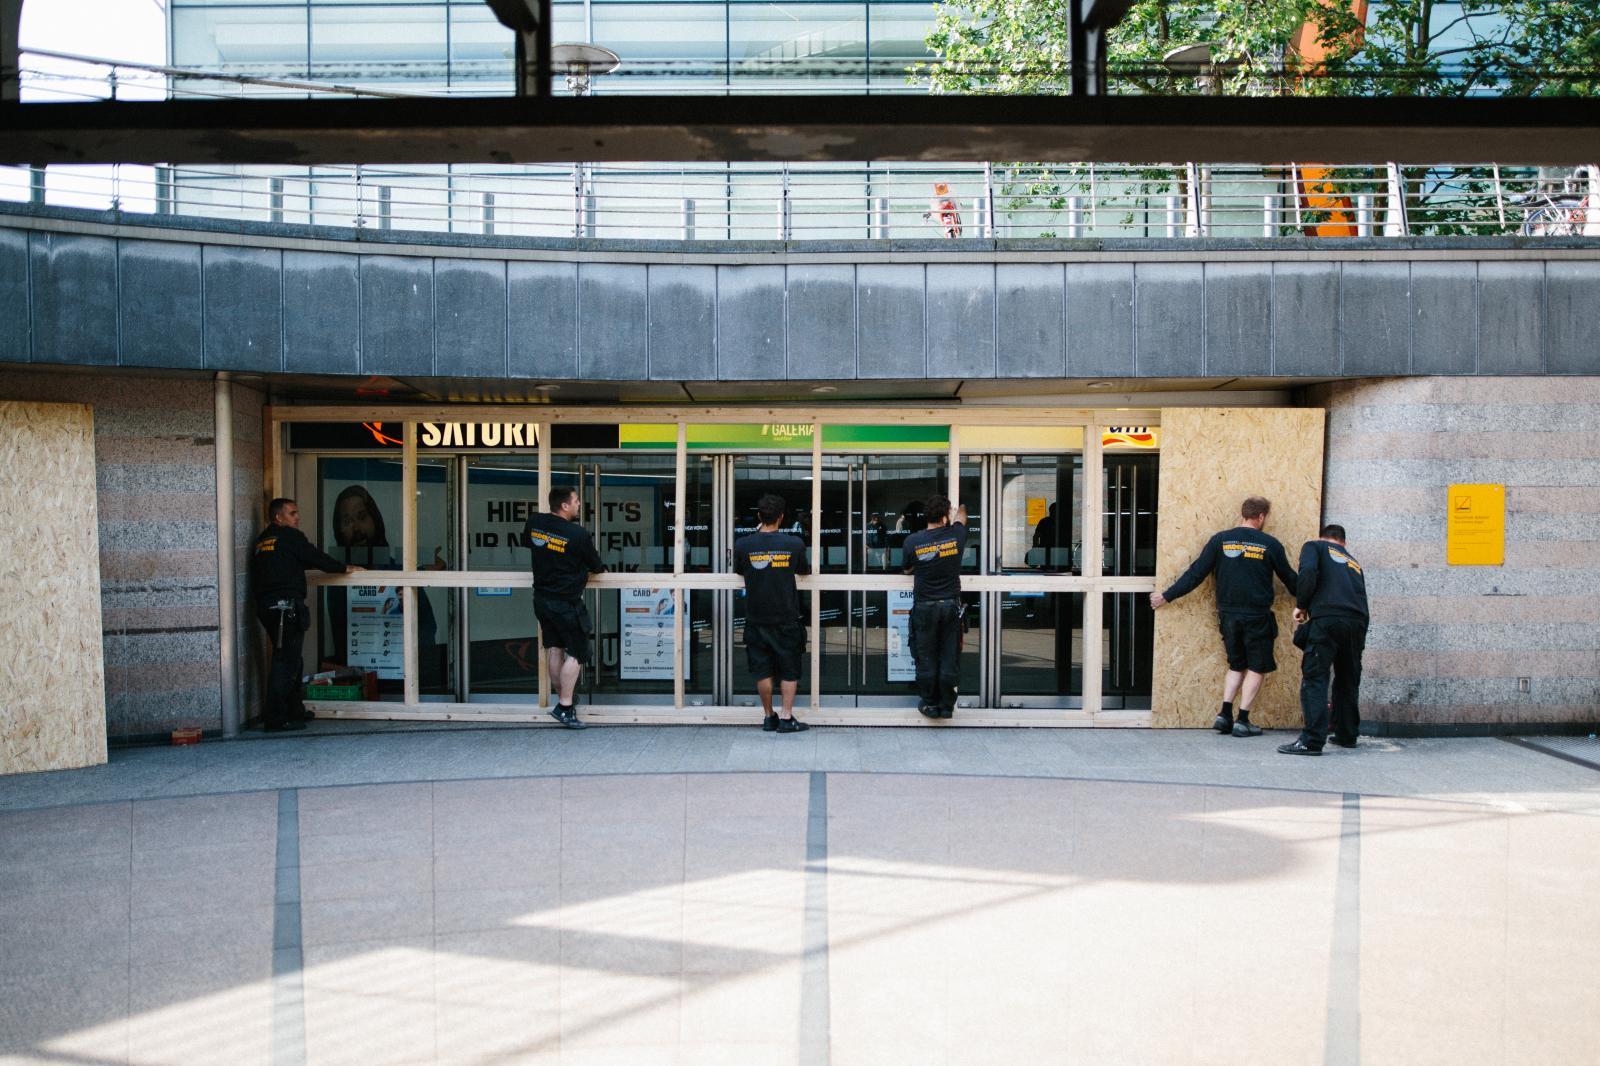 Arbeiter vernageln Scheiben von Kaufhof in Befürchtung von Auschreitungen.